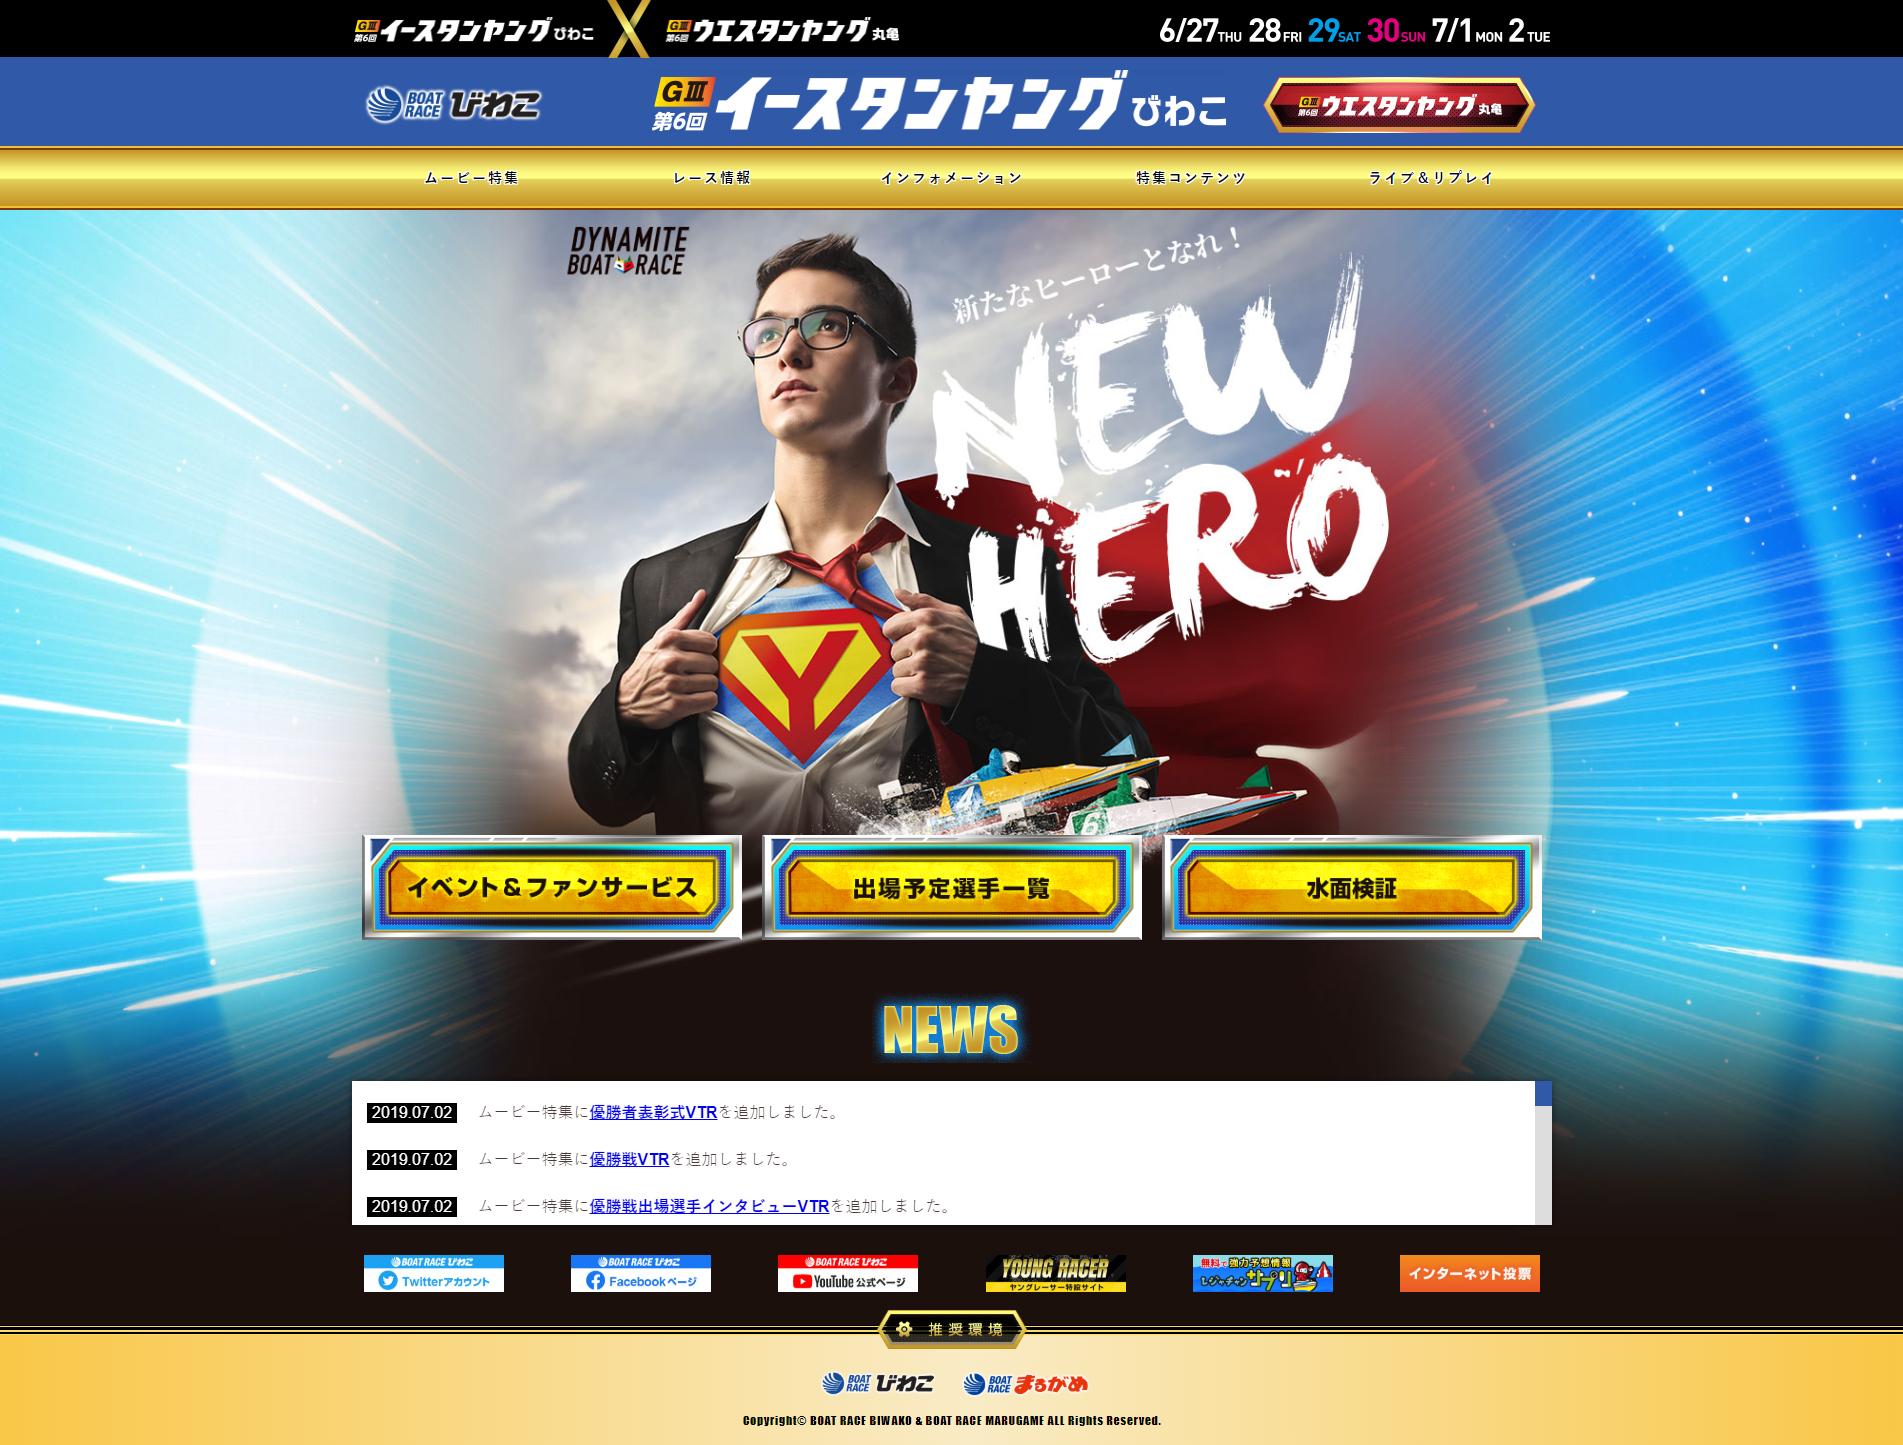 サイト オフィシャル ウェブ ボート レース